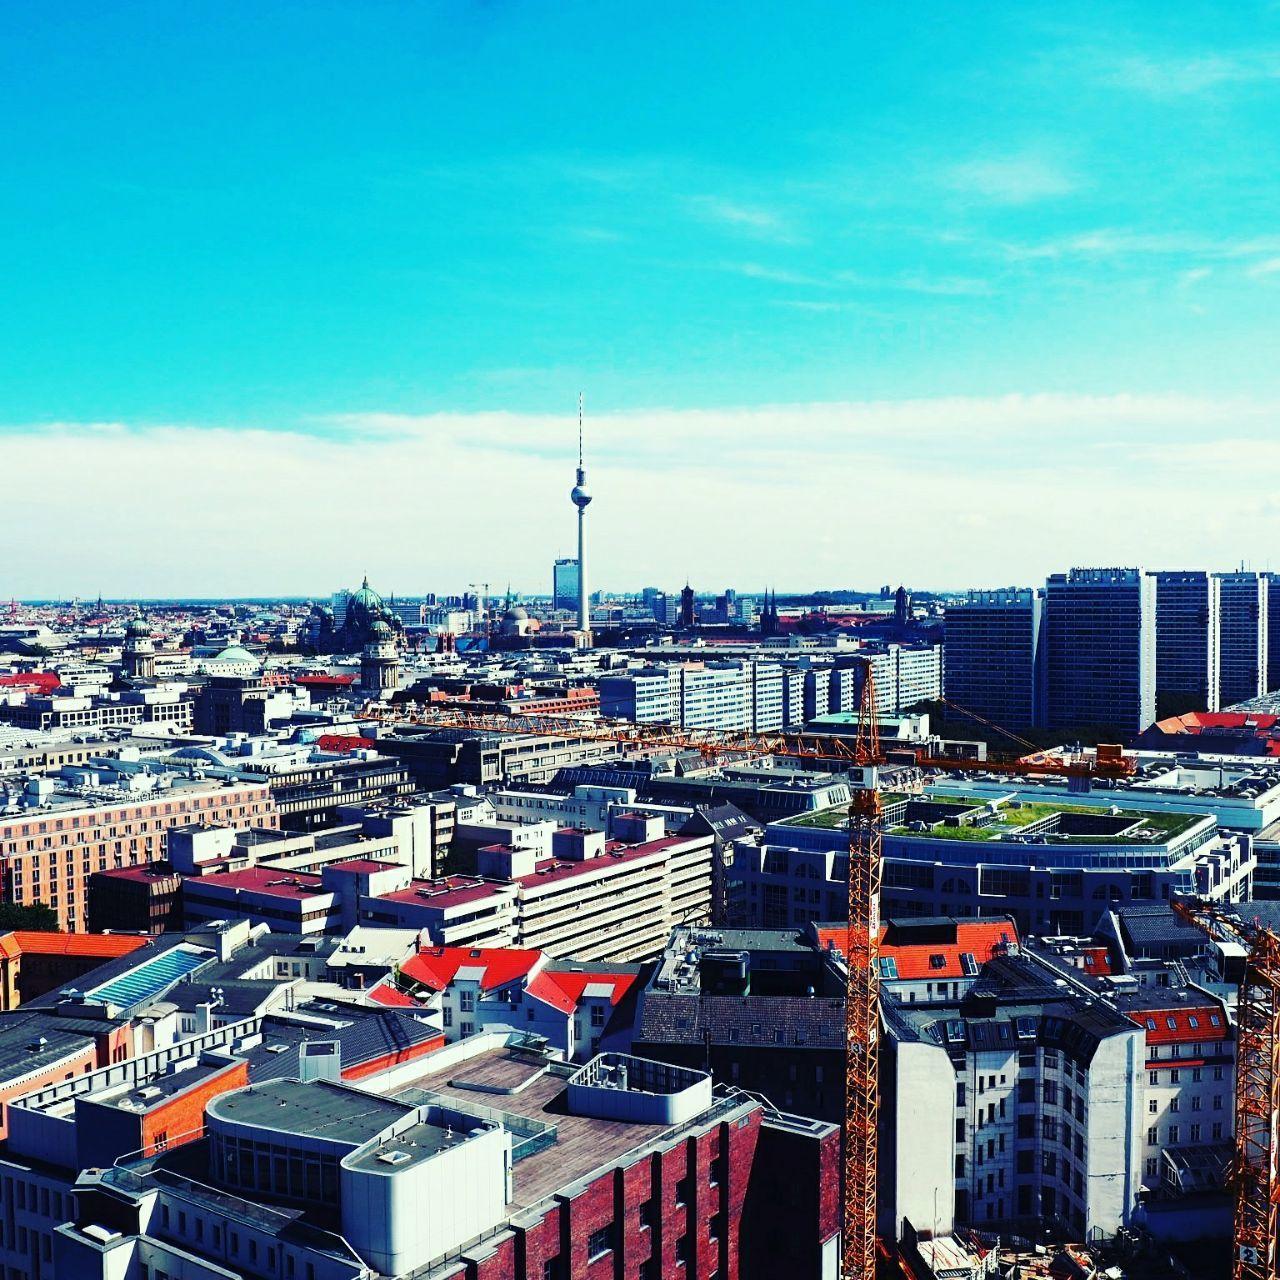 המלצה מיוחדת: ברלין מהאוויר בכדור פורח